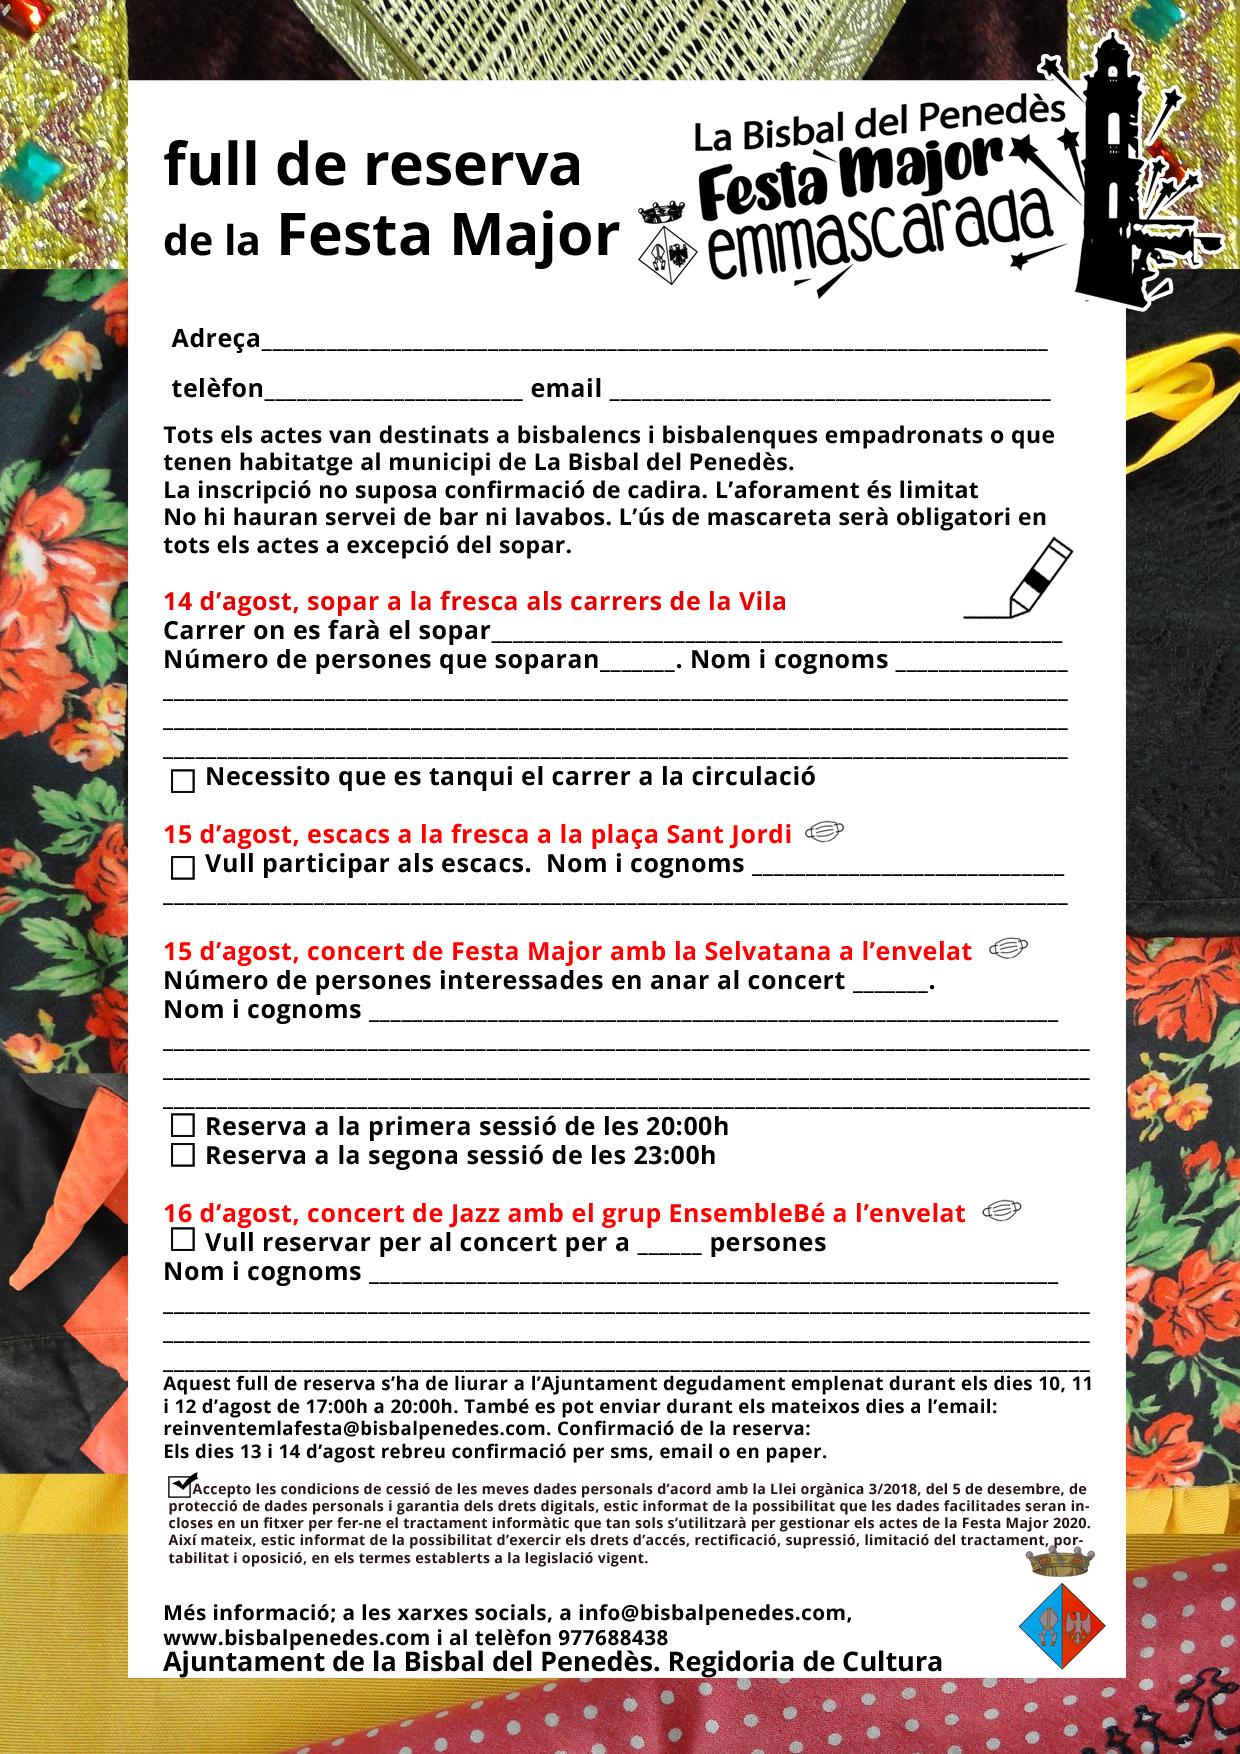 Del 10 al 12 d'agost -de 17h a 20h- es podran fer les inscripcions als actes de la Festa Major